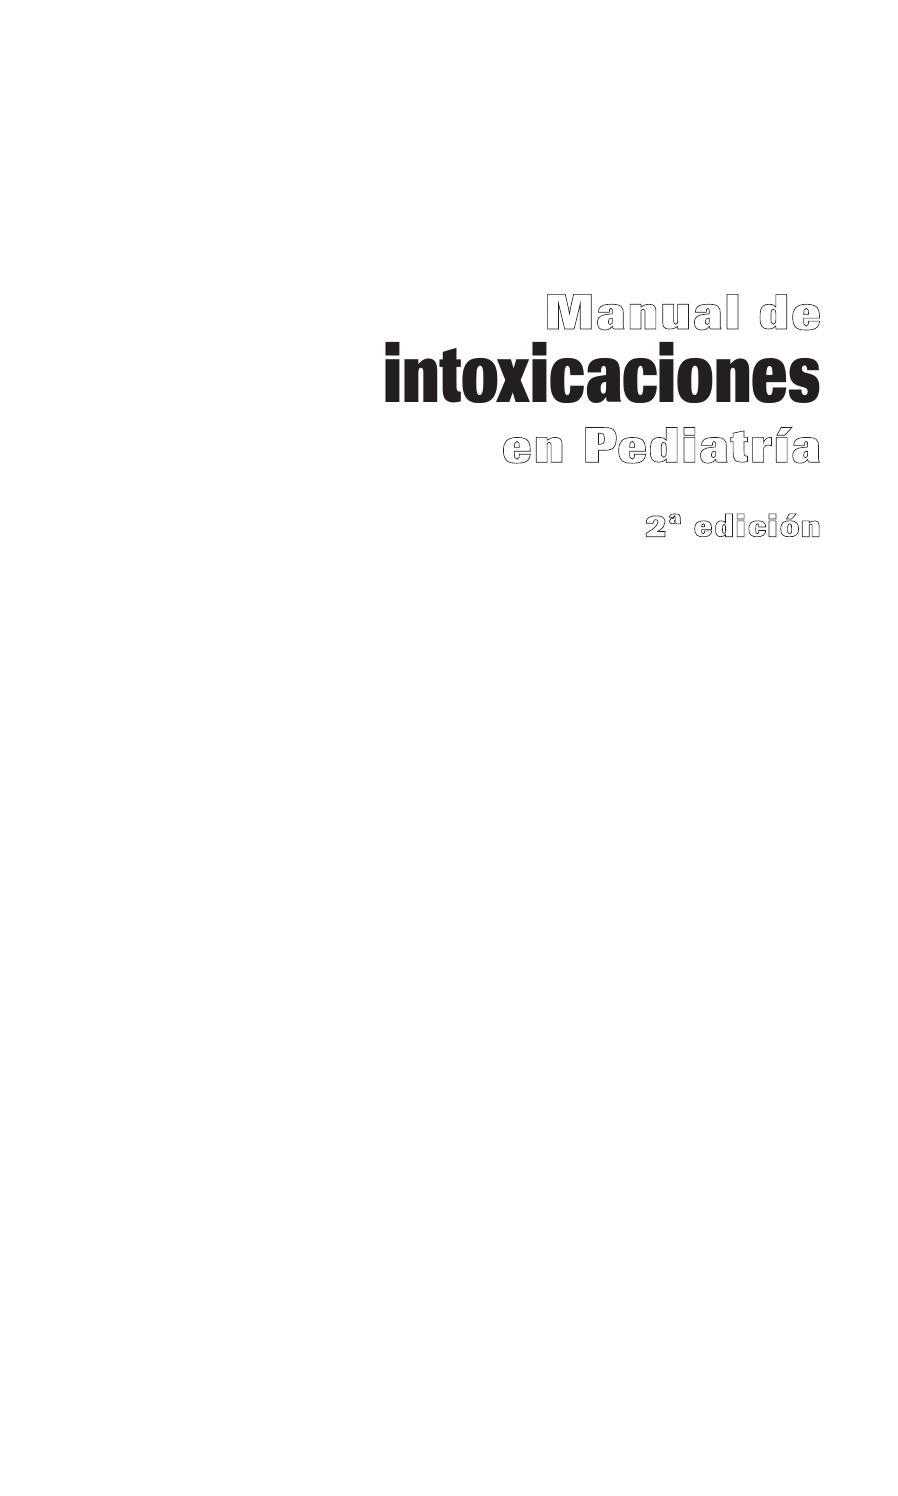 Intoxicaciones%20en%20pediatria by Formacion222 - issuu